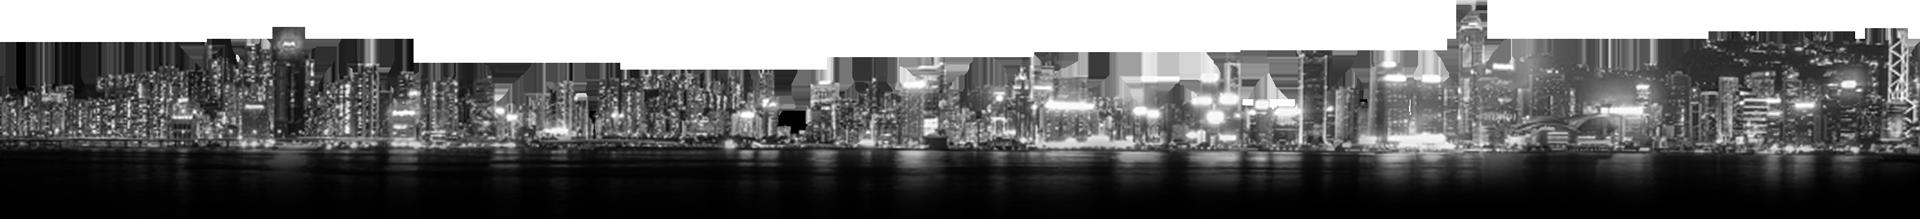 Hongkong---Skyline-slim-bw